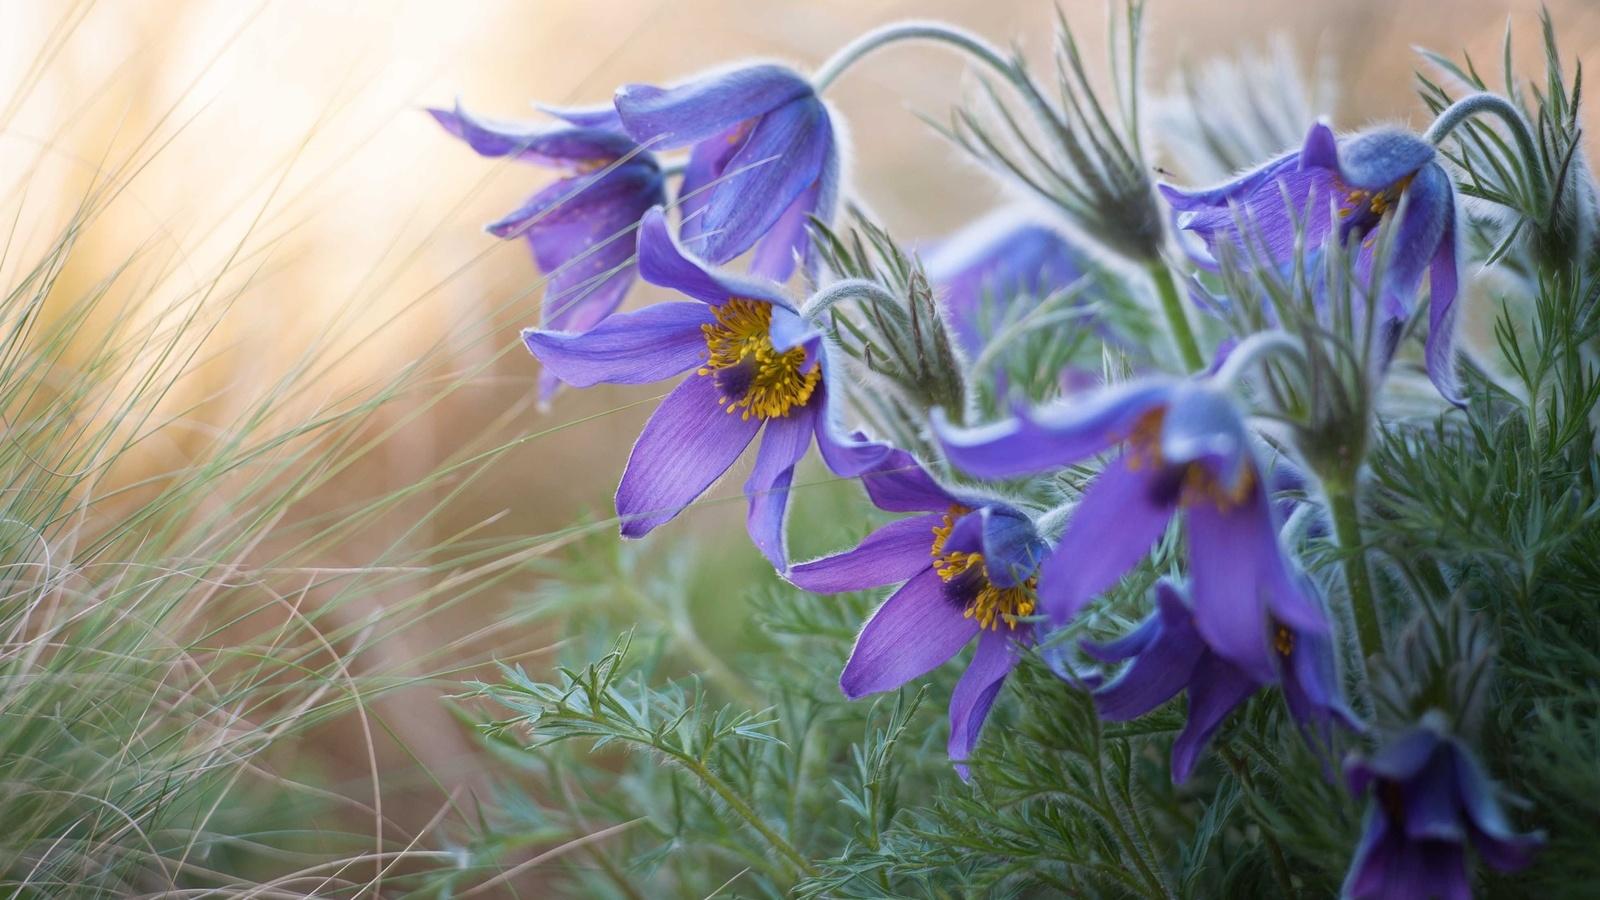 Прострел, сон-трава, весна, голубой, нежность.